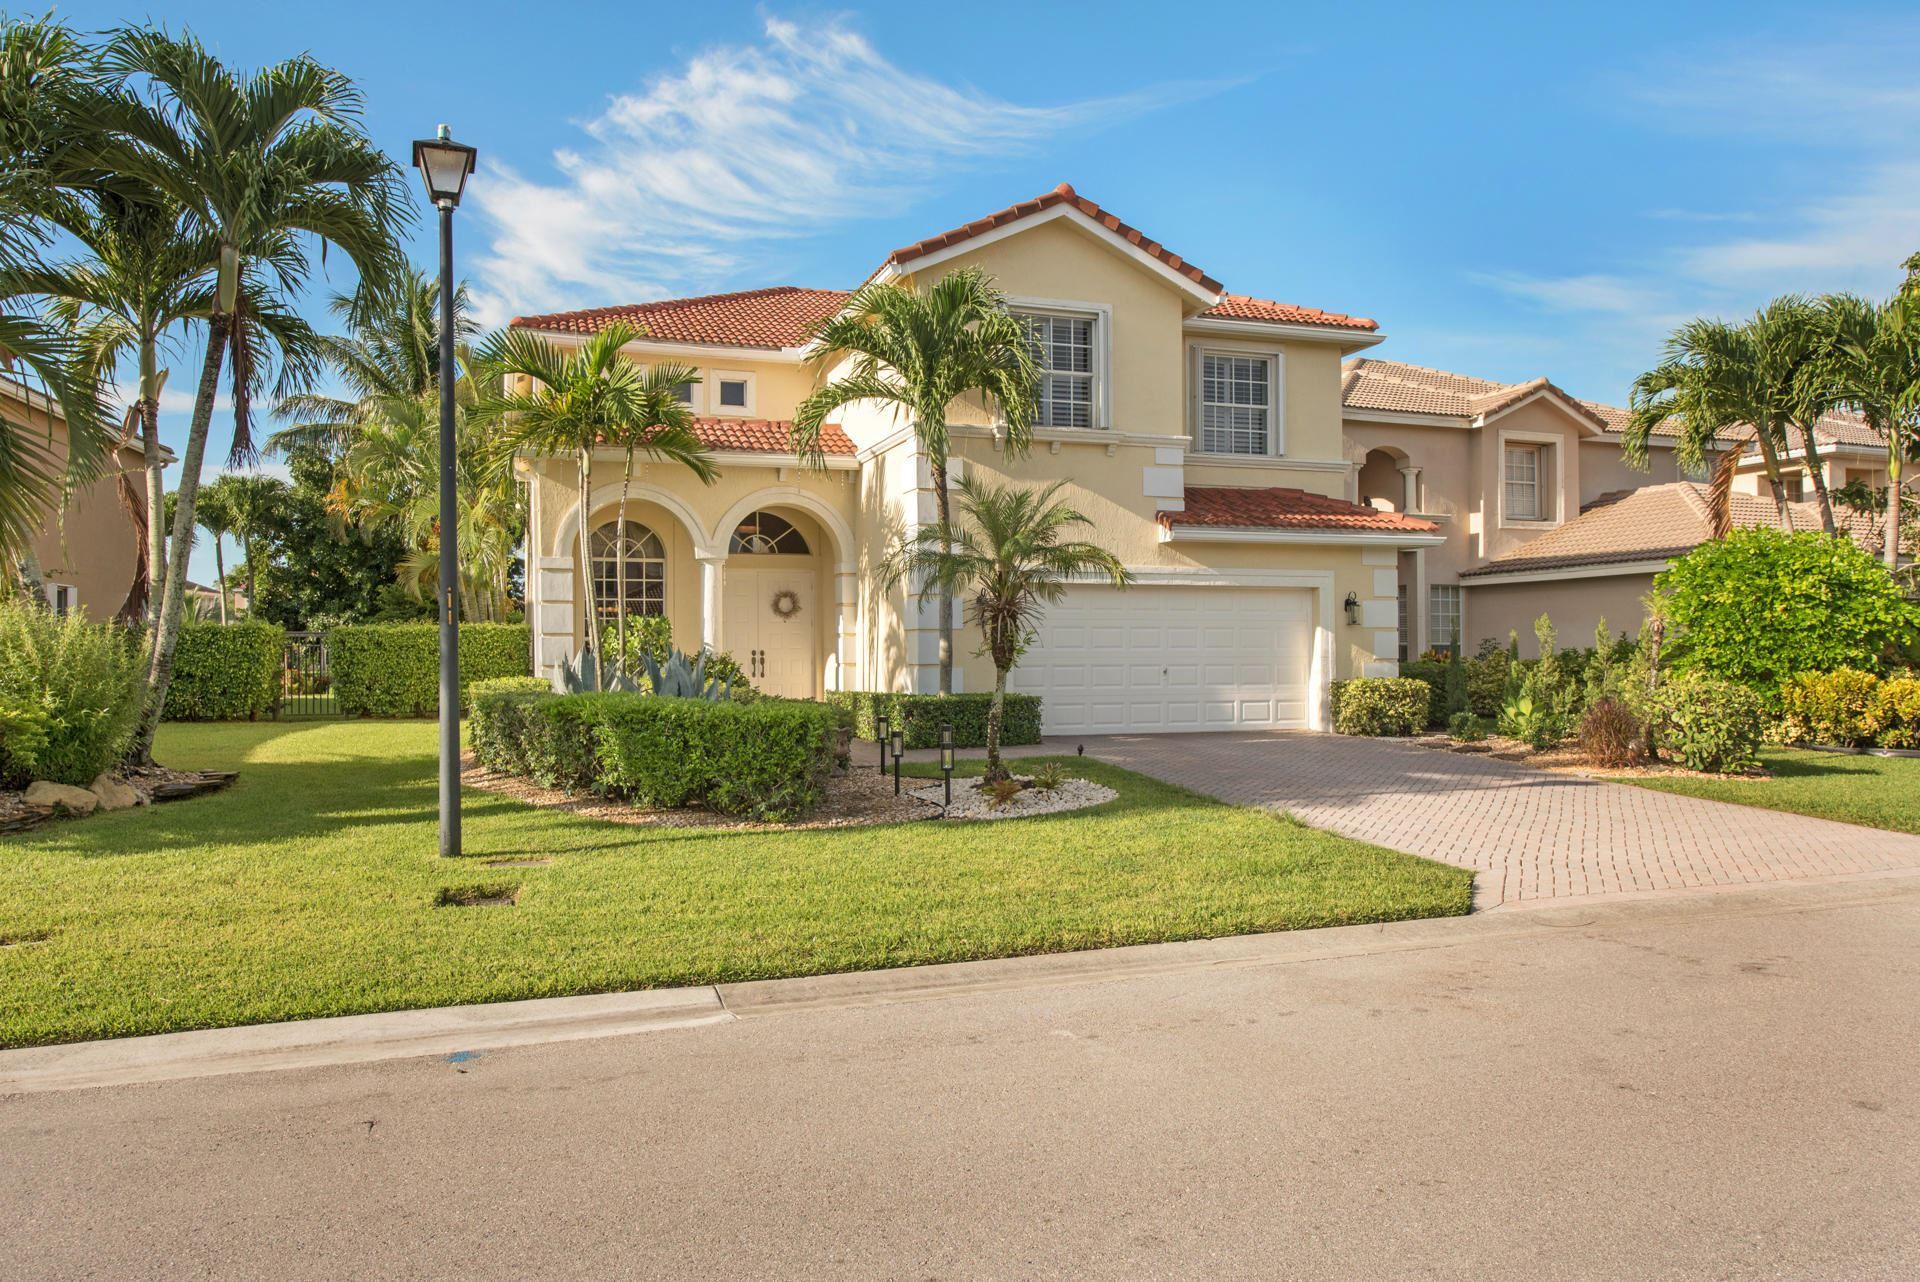 11144 Pacifica Street, Wellington, FL 33449 - MLS#: RX-10741295